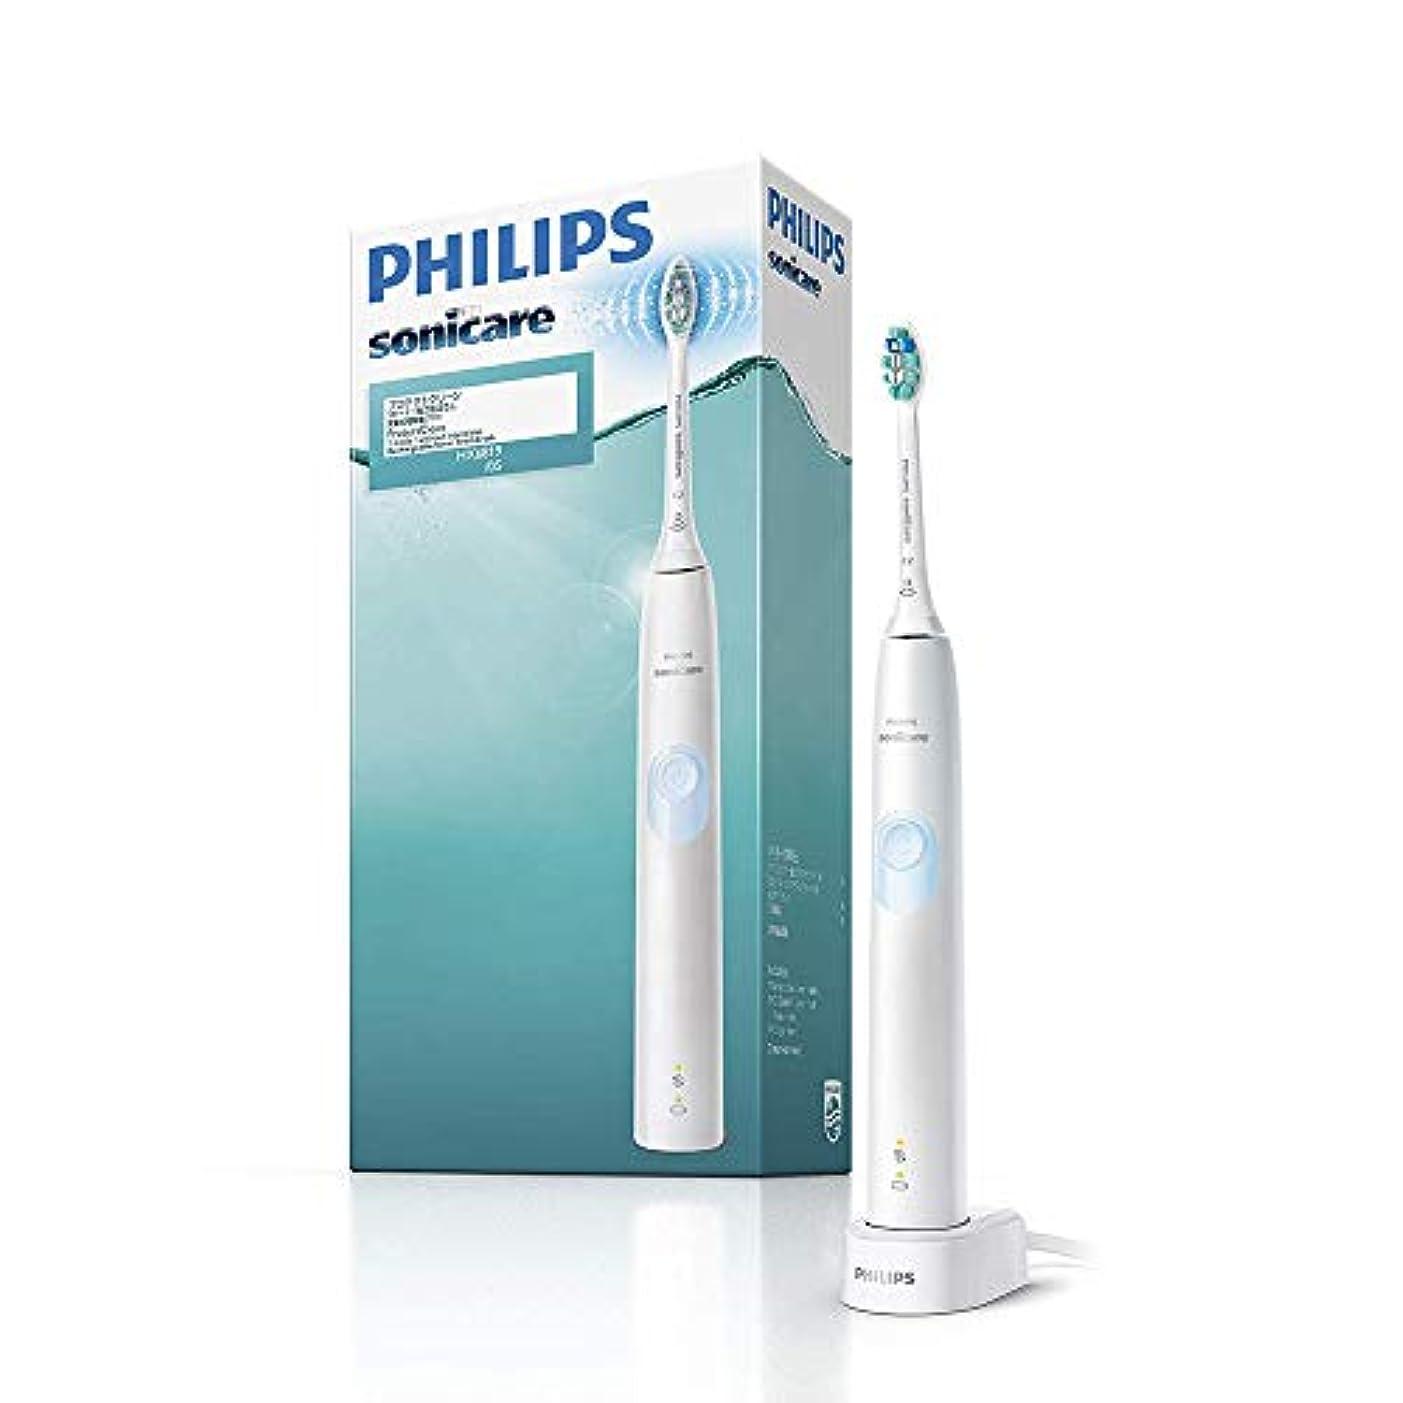 コインできれば有毒【Amazon.co.jp限定】フィリップス ソニッケアー プロテクトクリーン ホワイトライトブルー 電動歯ブラシ 強さ設定なし HX6819/05